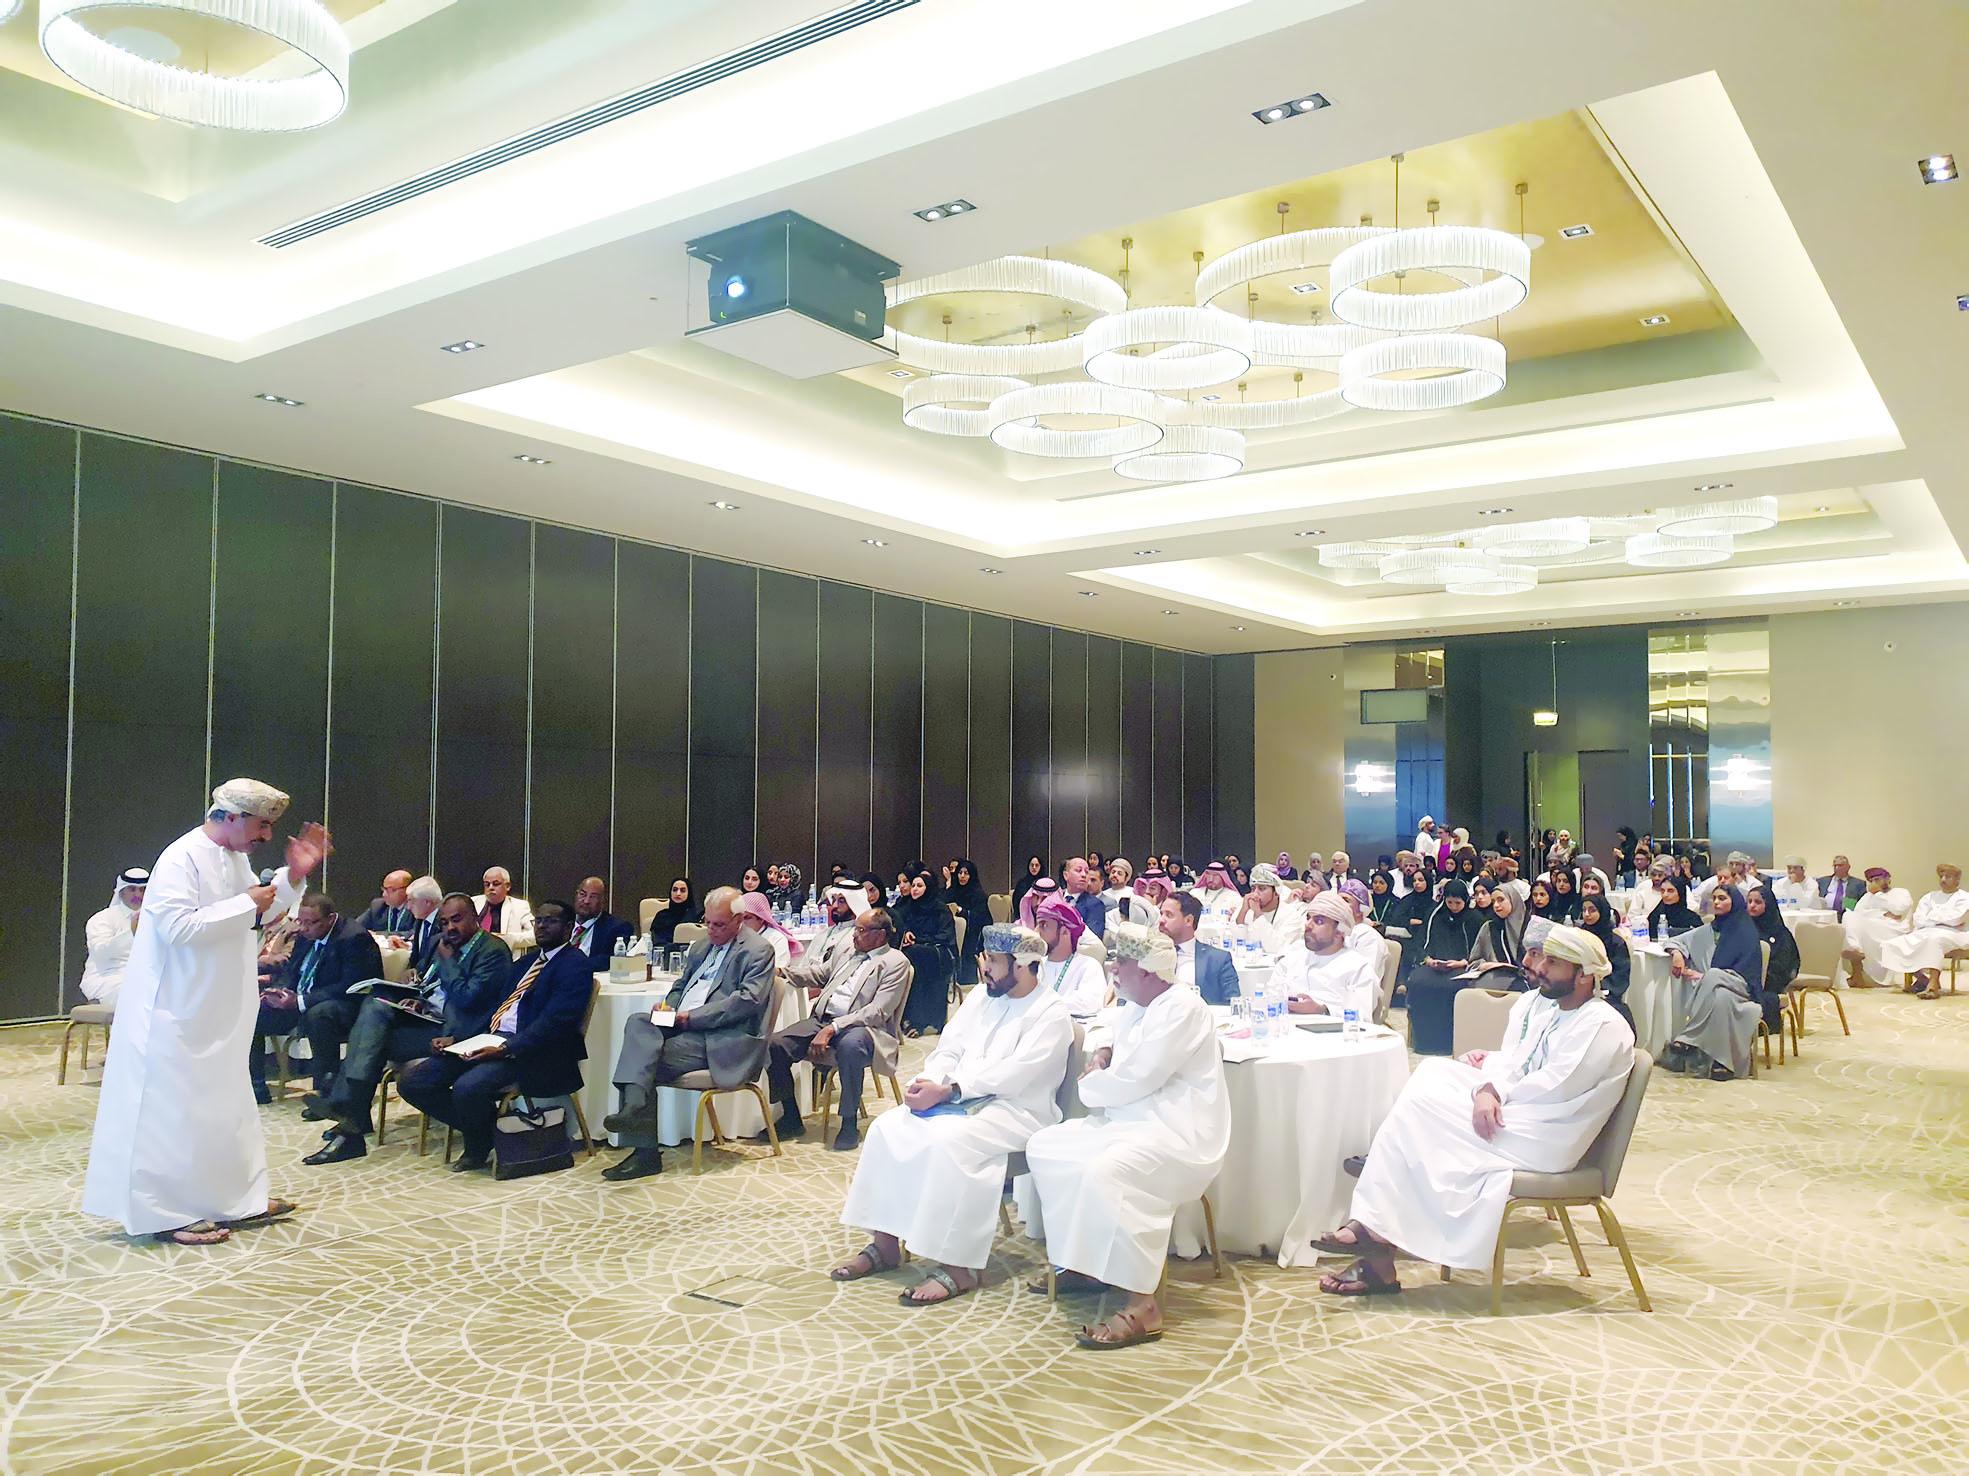 برقية شكر لجلالة السلطان من المشاركين في أعمال المكتب الدائم لاتحاد المحامين العرب